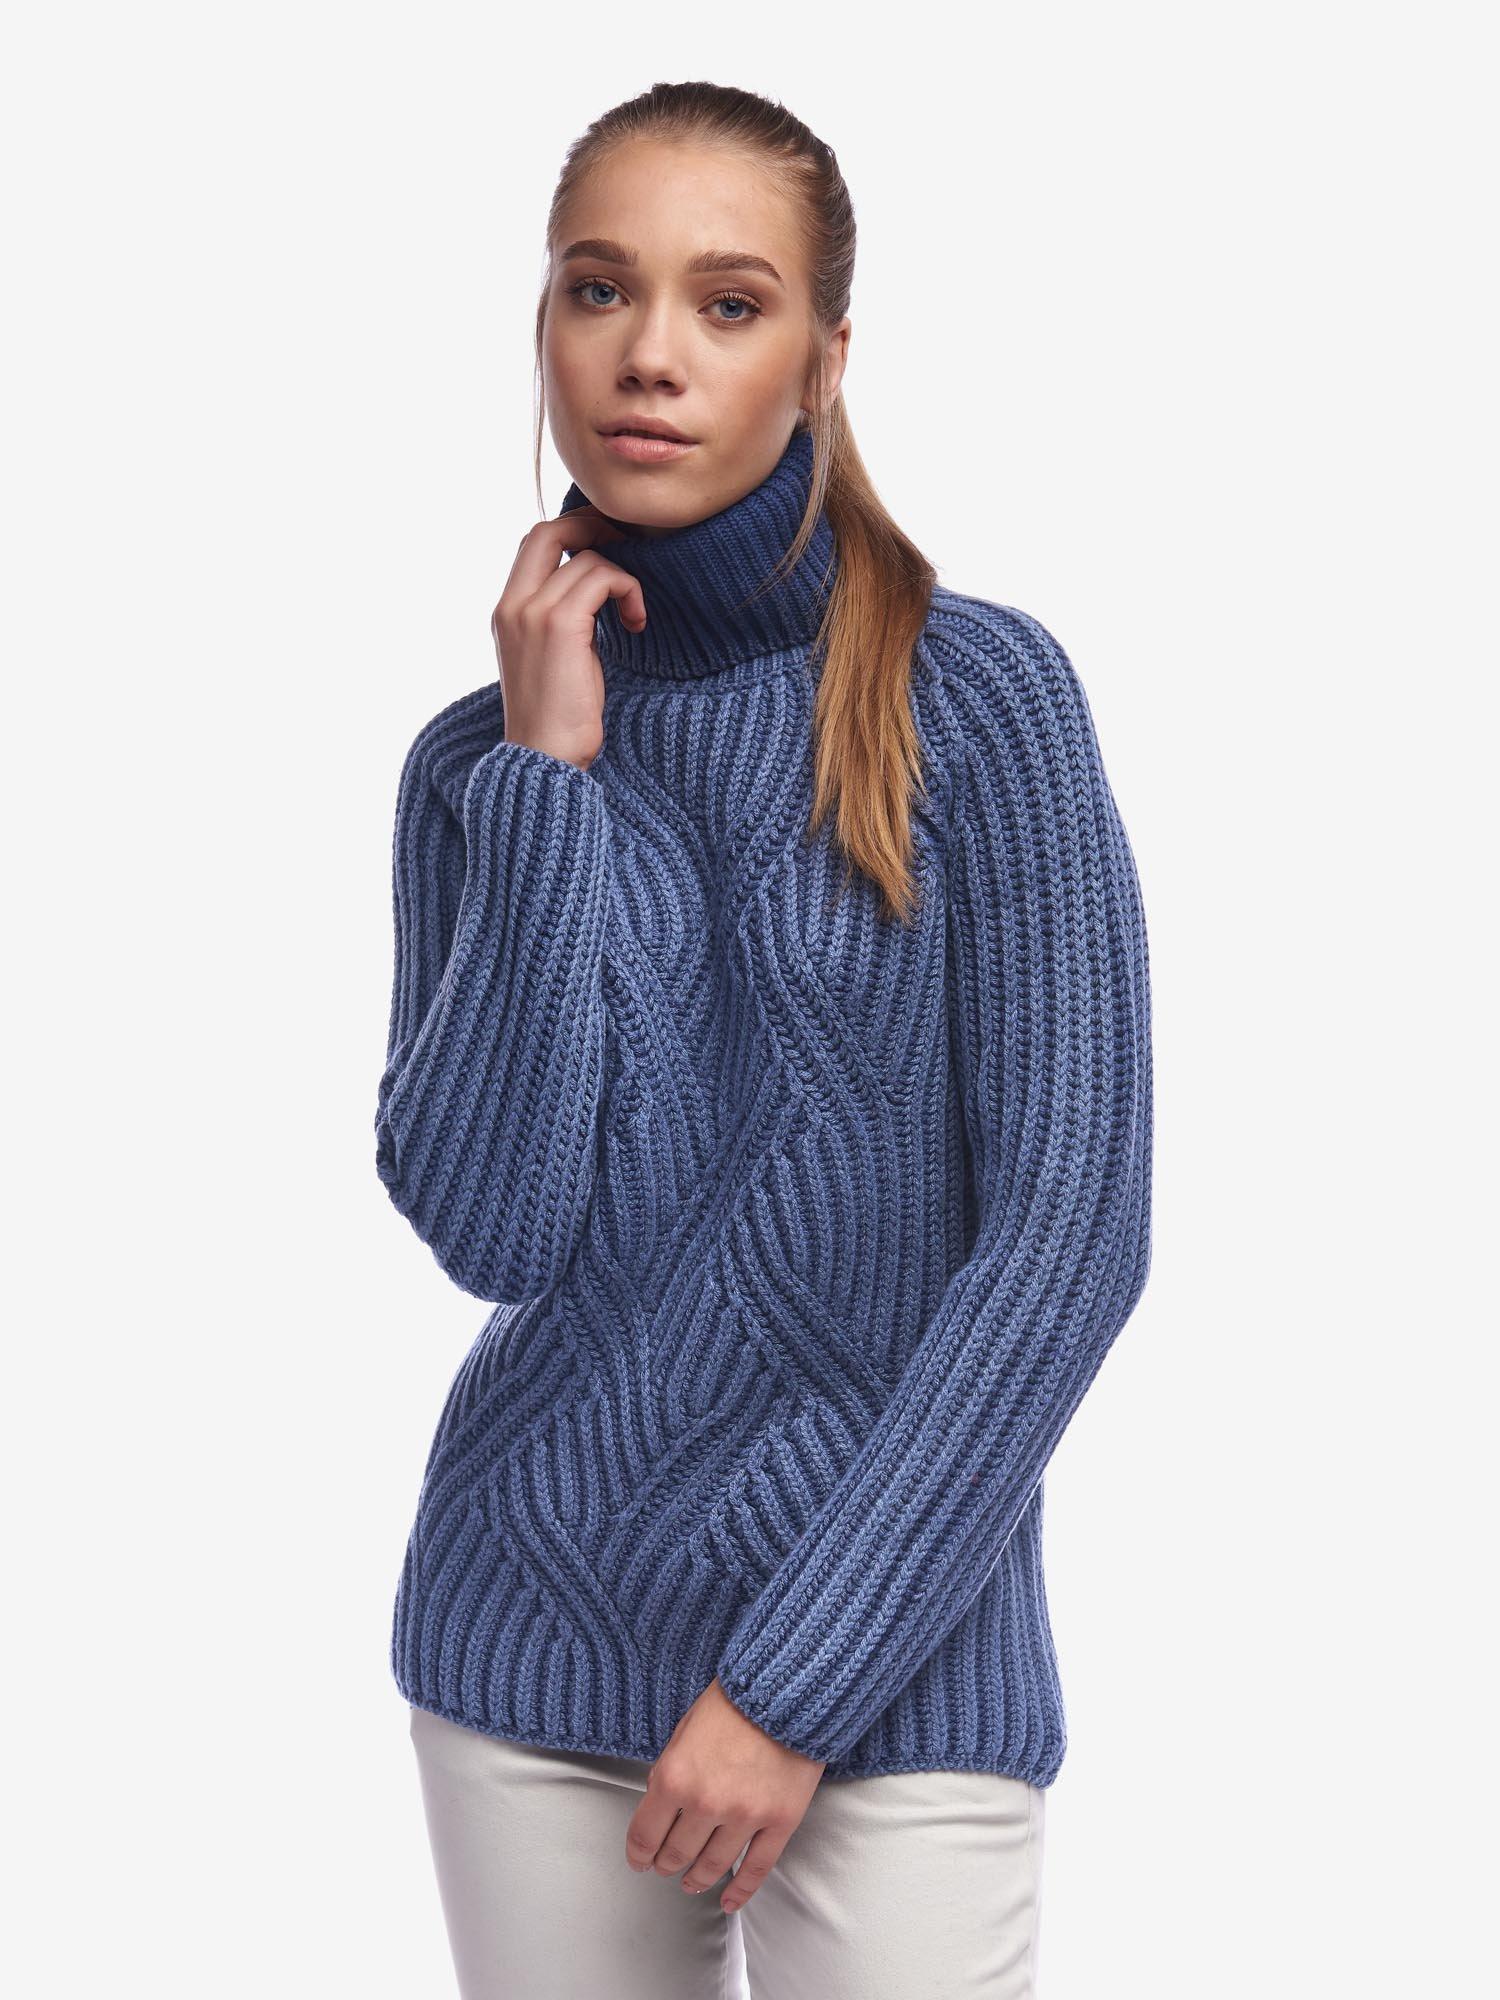 Blauer - WOOL HIGH NECK SWEATER - Blue Ionio - Blauer